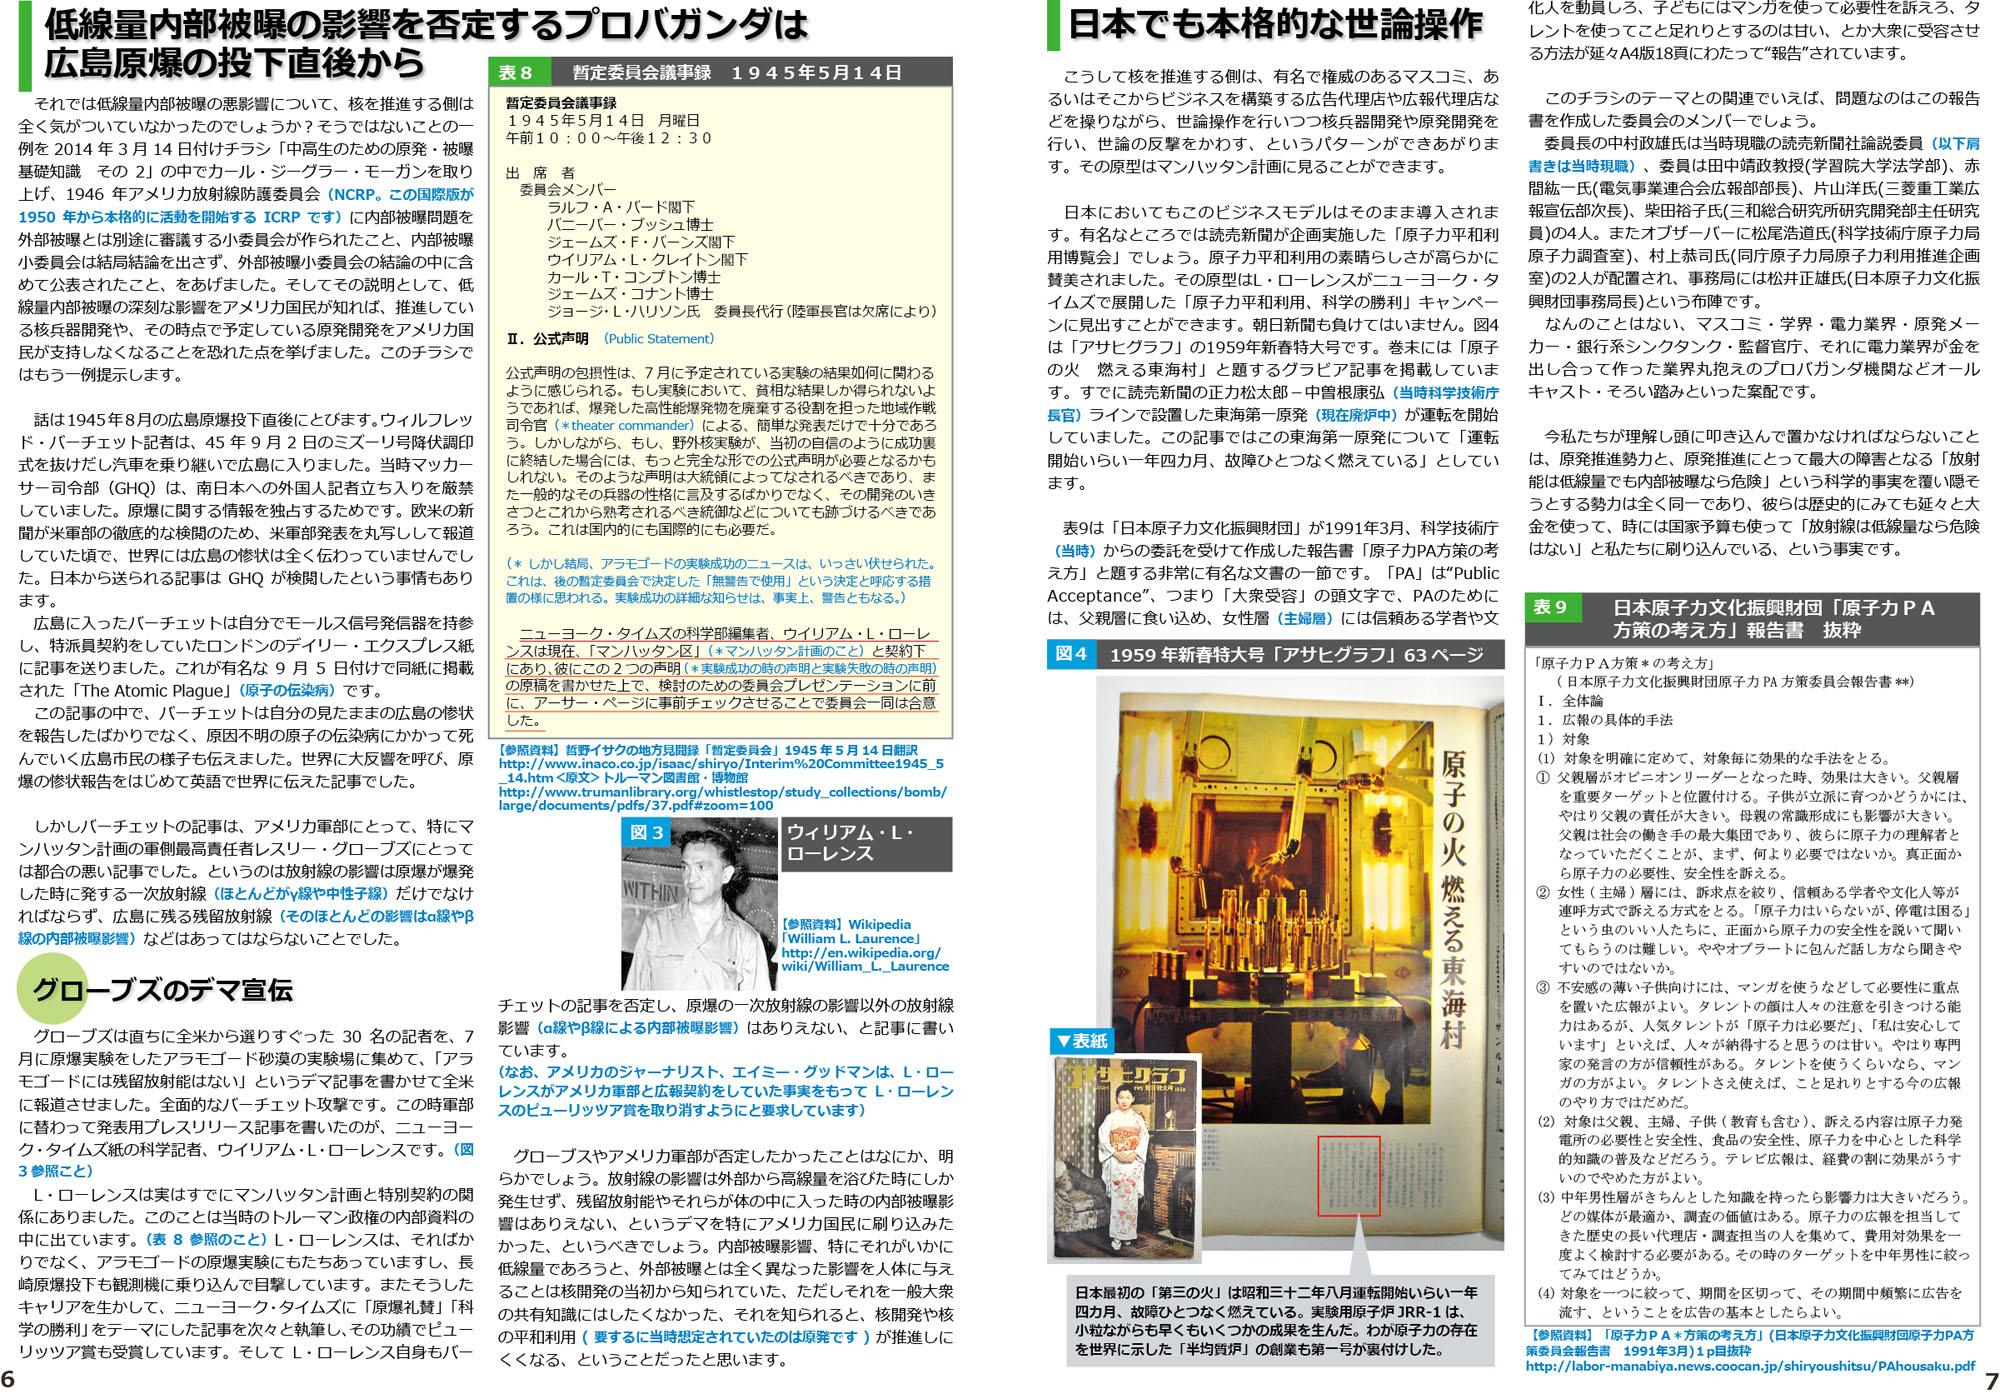 ファイル 282-4.jpg